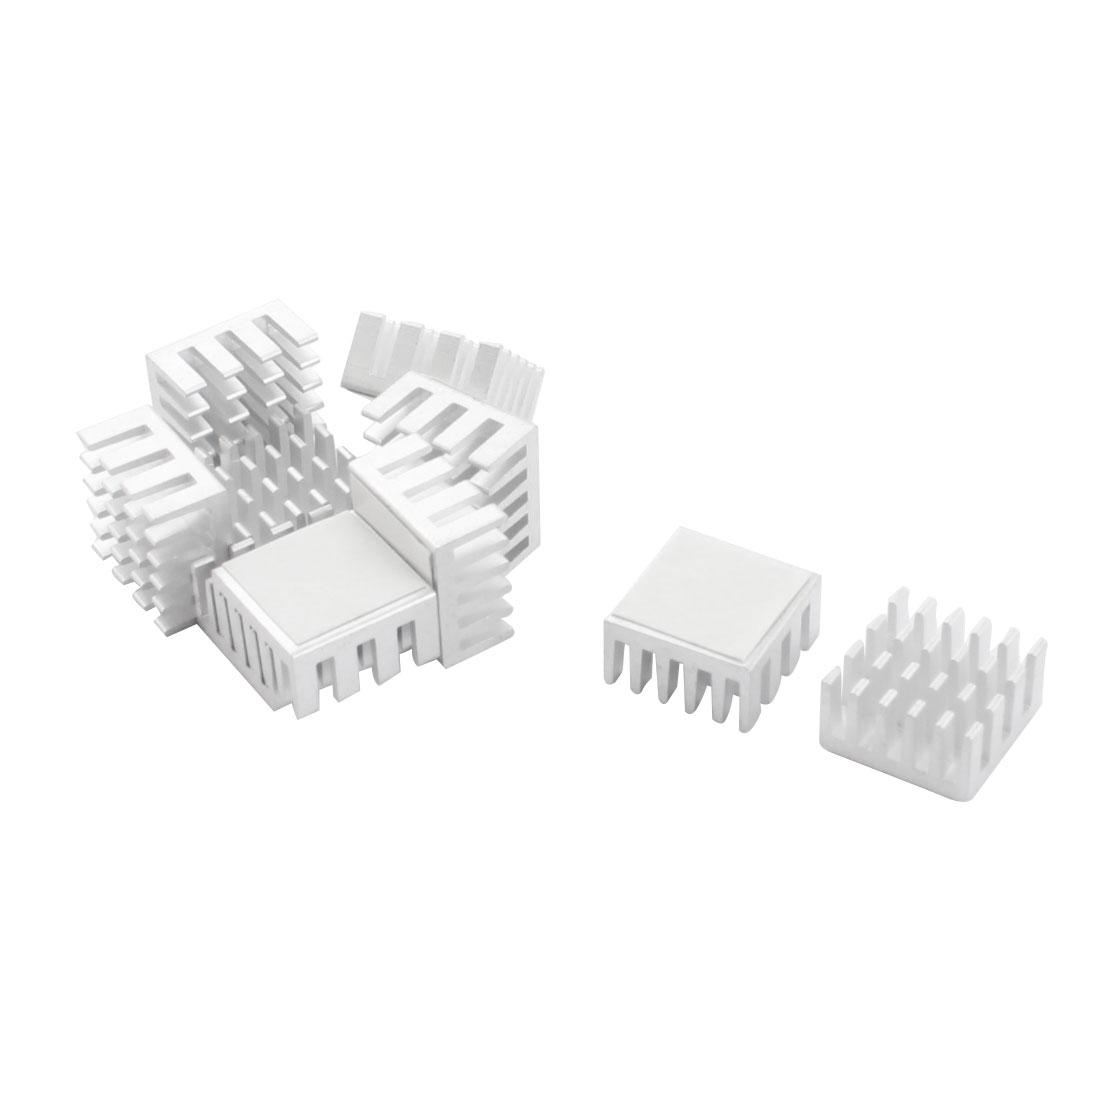 10 Pcs Aluminum Heatsink Heat Sink Cooling Fin Cooler 15mmx15mmx8mm Silver Tone